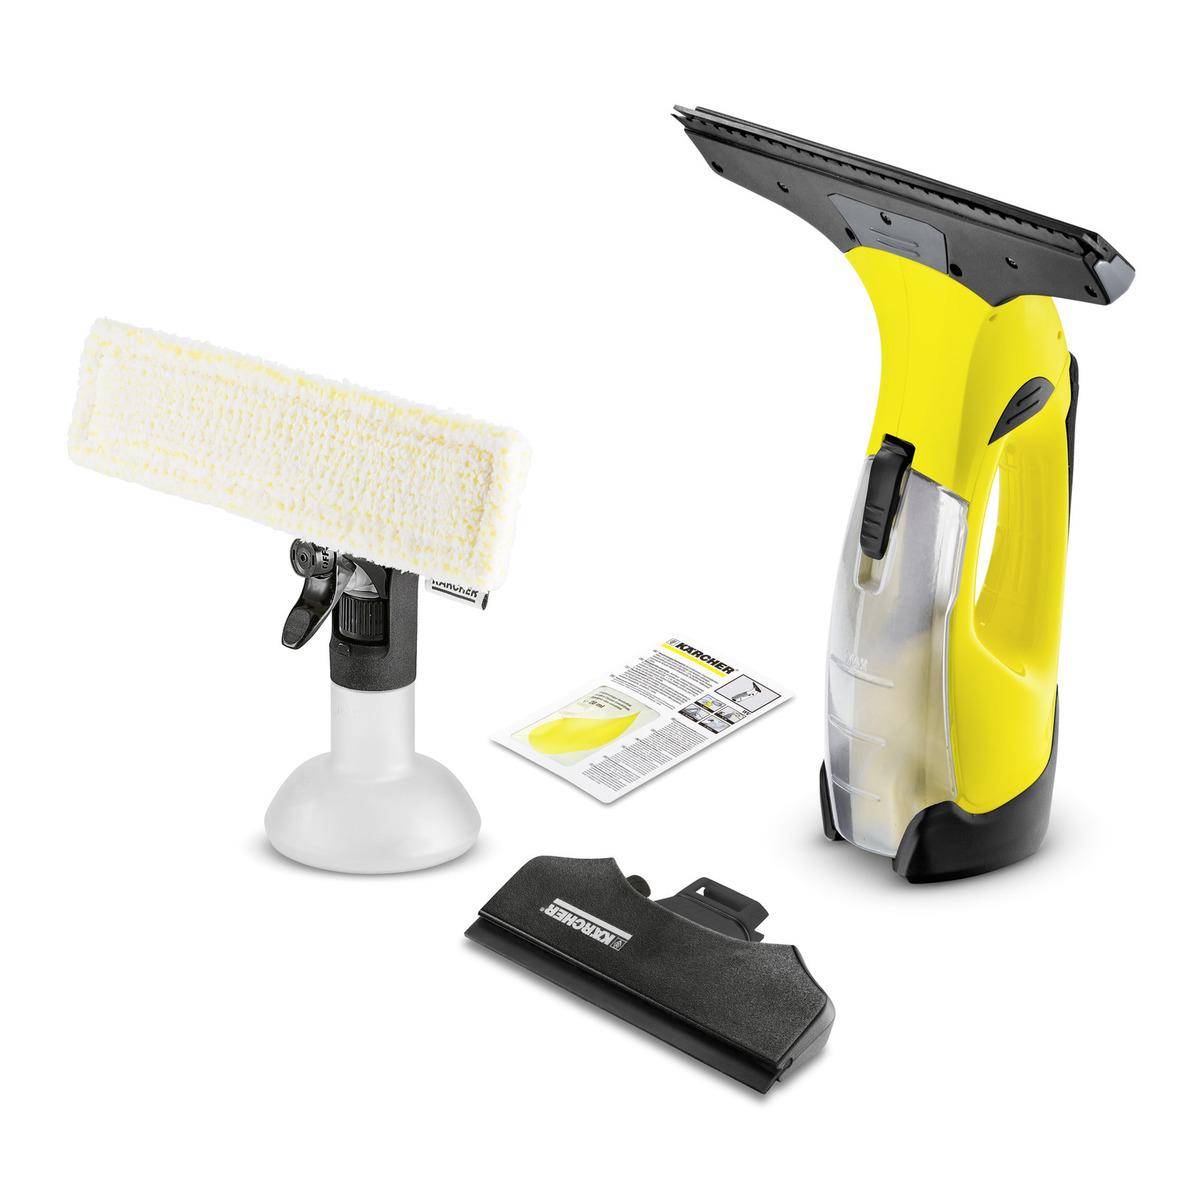 Karcher-akumulatorski-usisivač-za-prozore-Karcher-WV-5-Premium